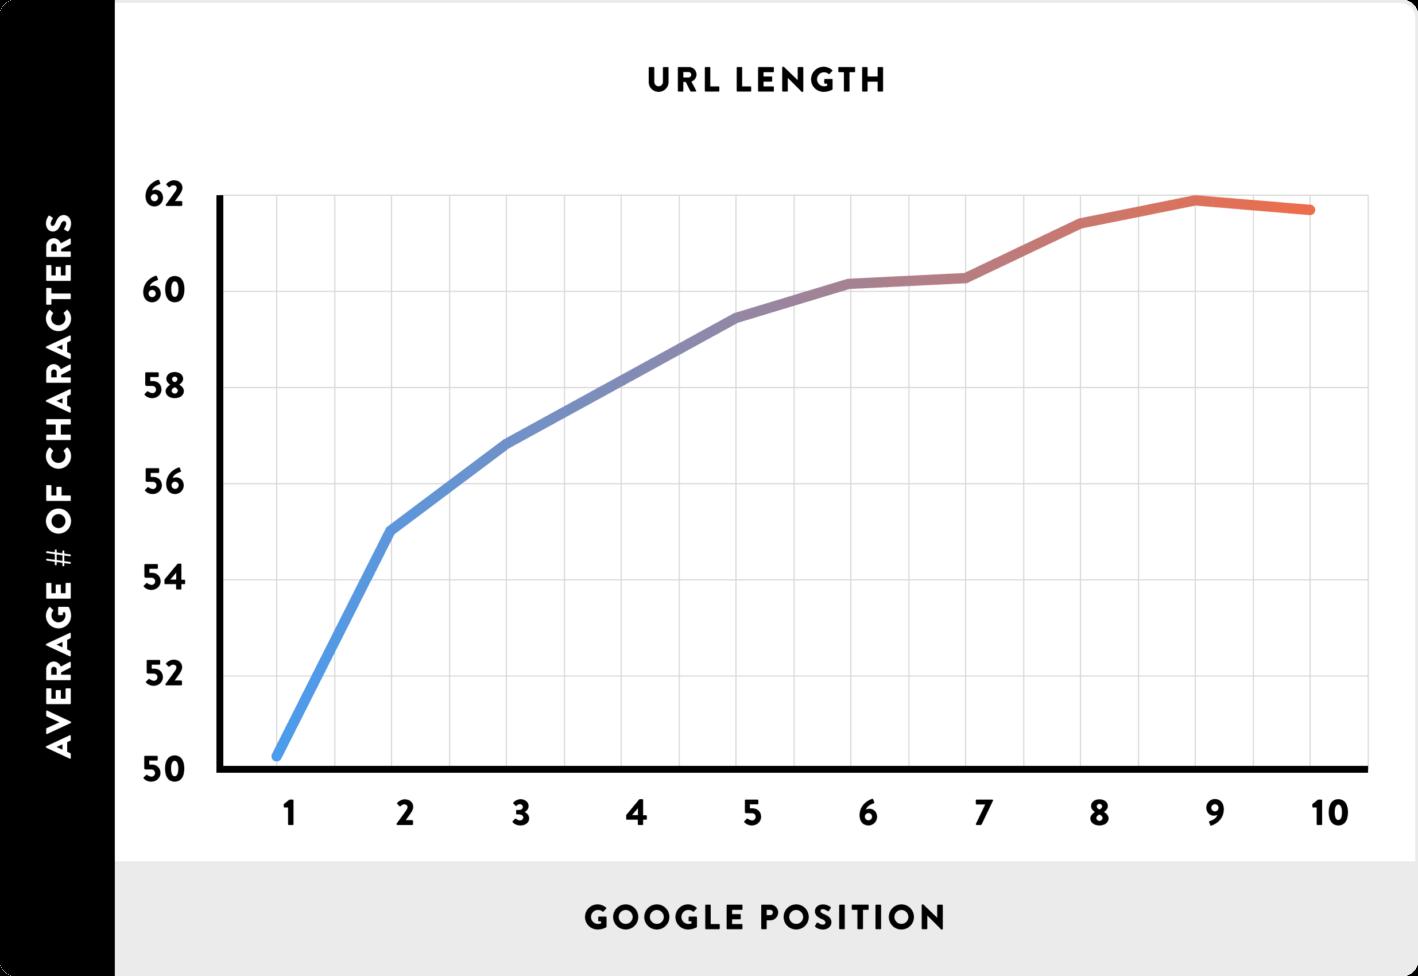 رابطه طول آدرس URL با جایگاه سایت در گوگل